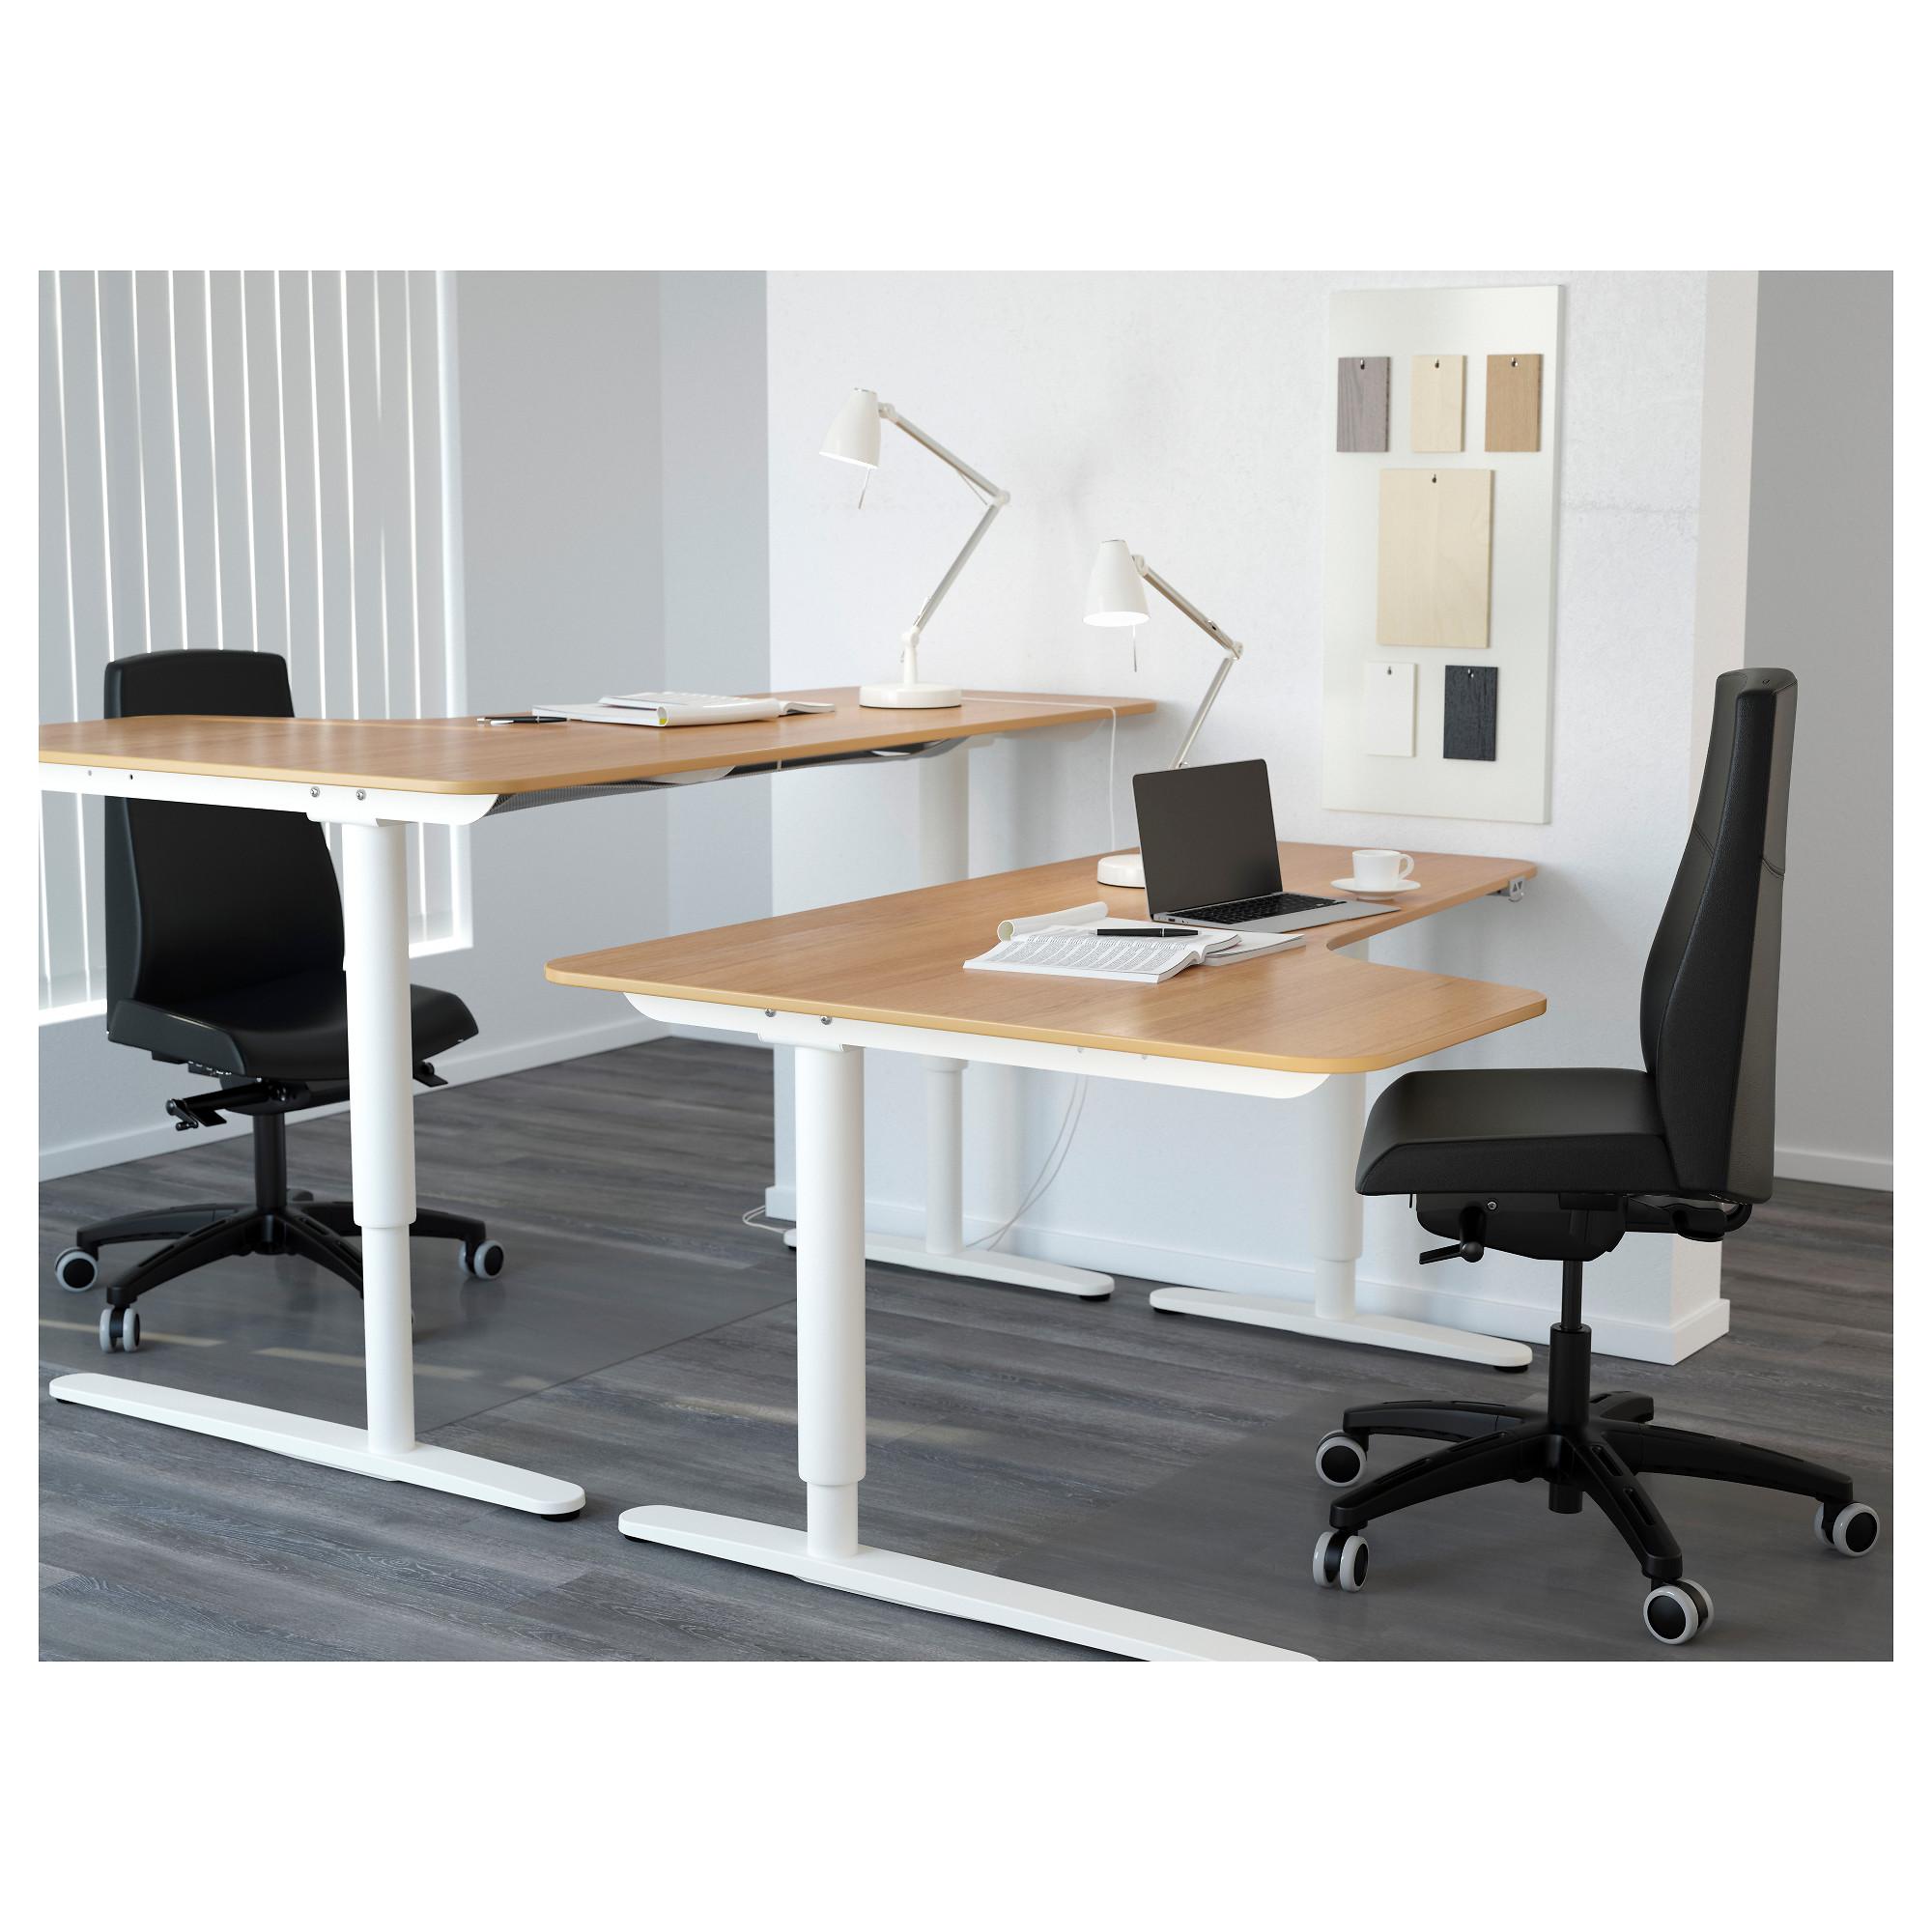 Угловой письменный стол левосторонний трансформер БЕКАНТ белый артикуль № 592.786.61 в наличии. Онлайн сайт IKEA Минск. Быстрая доставка и монтаж.